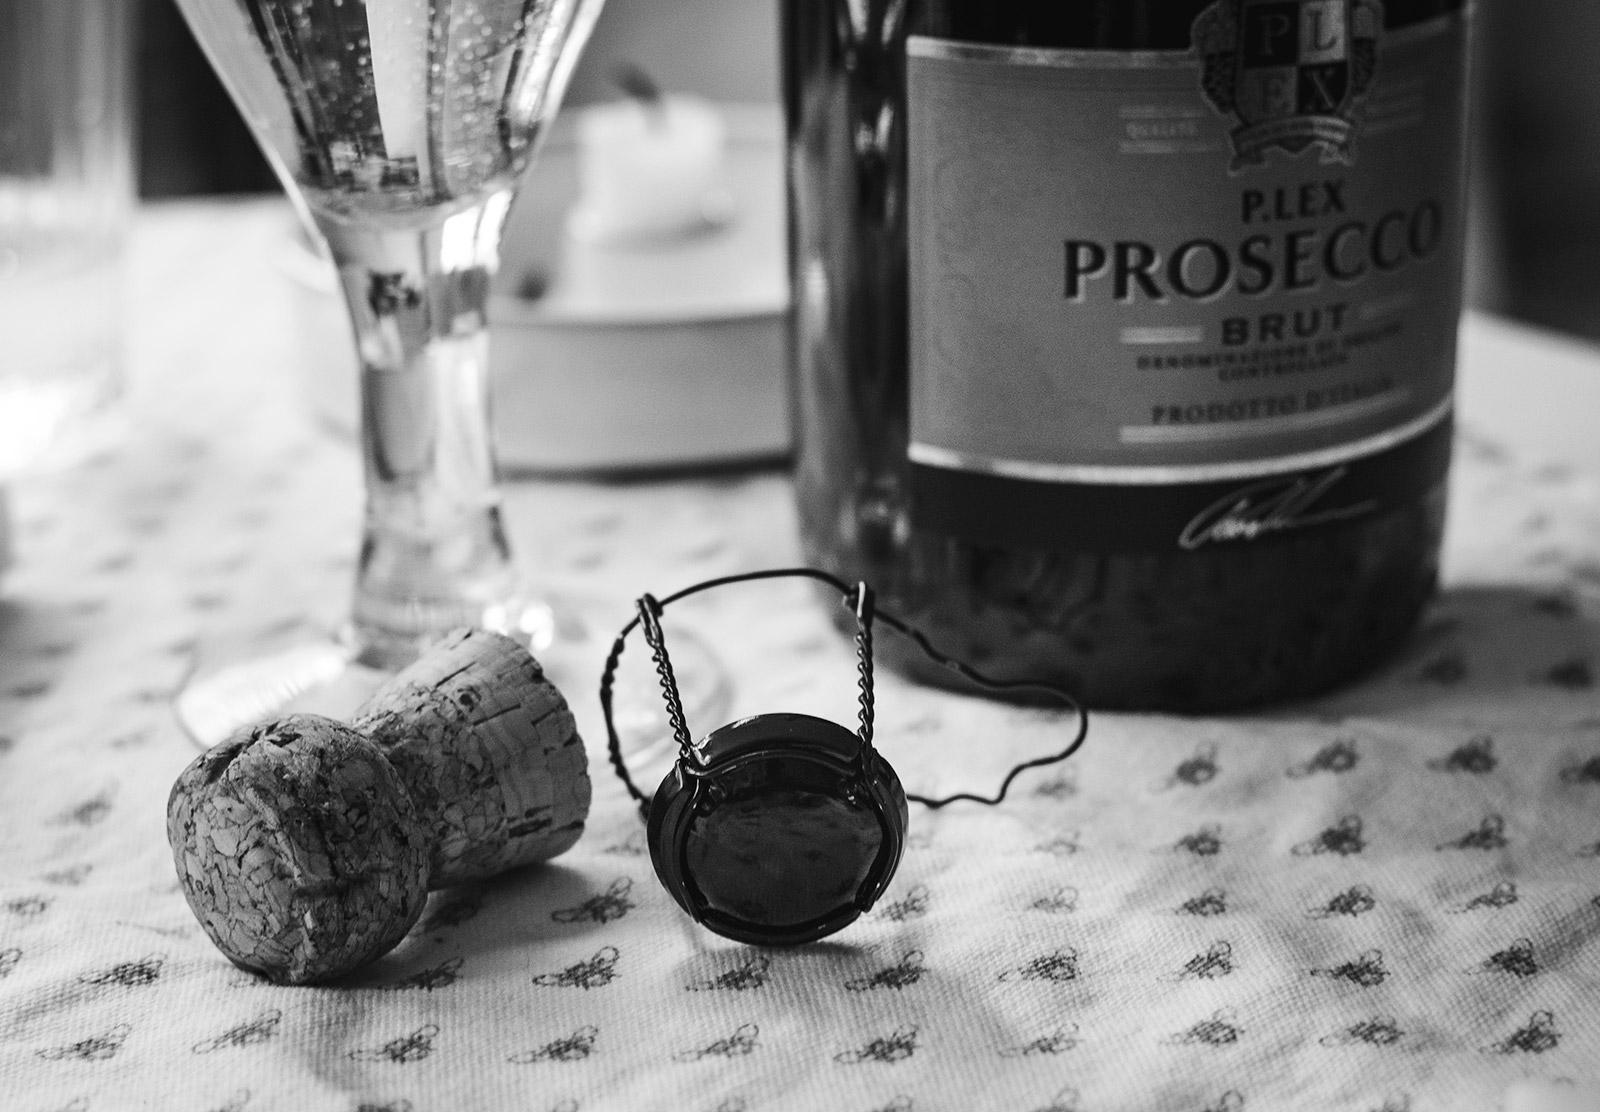 Prosecco cork